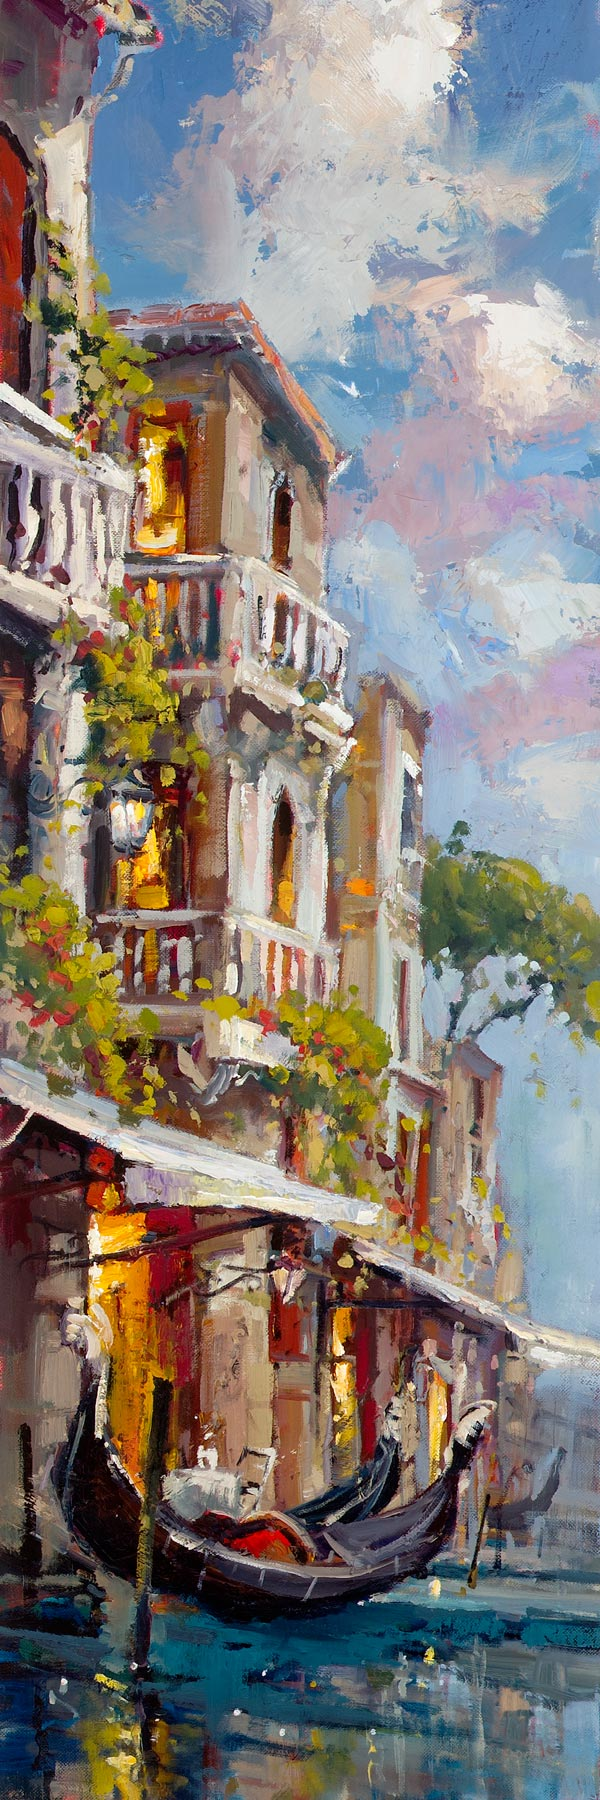 A Day in Venezia